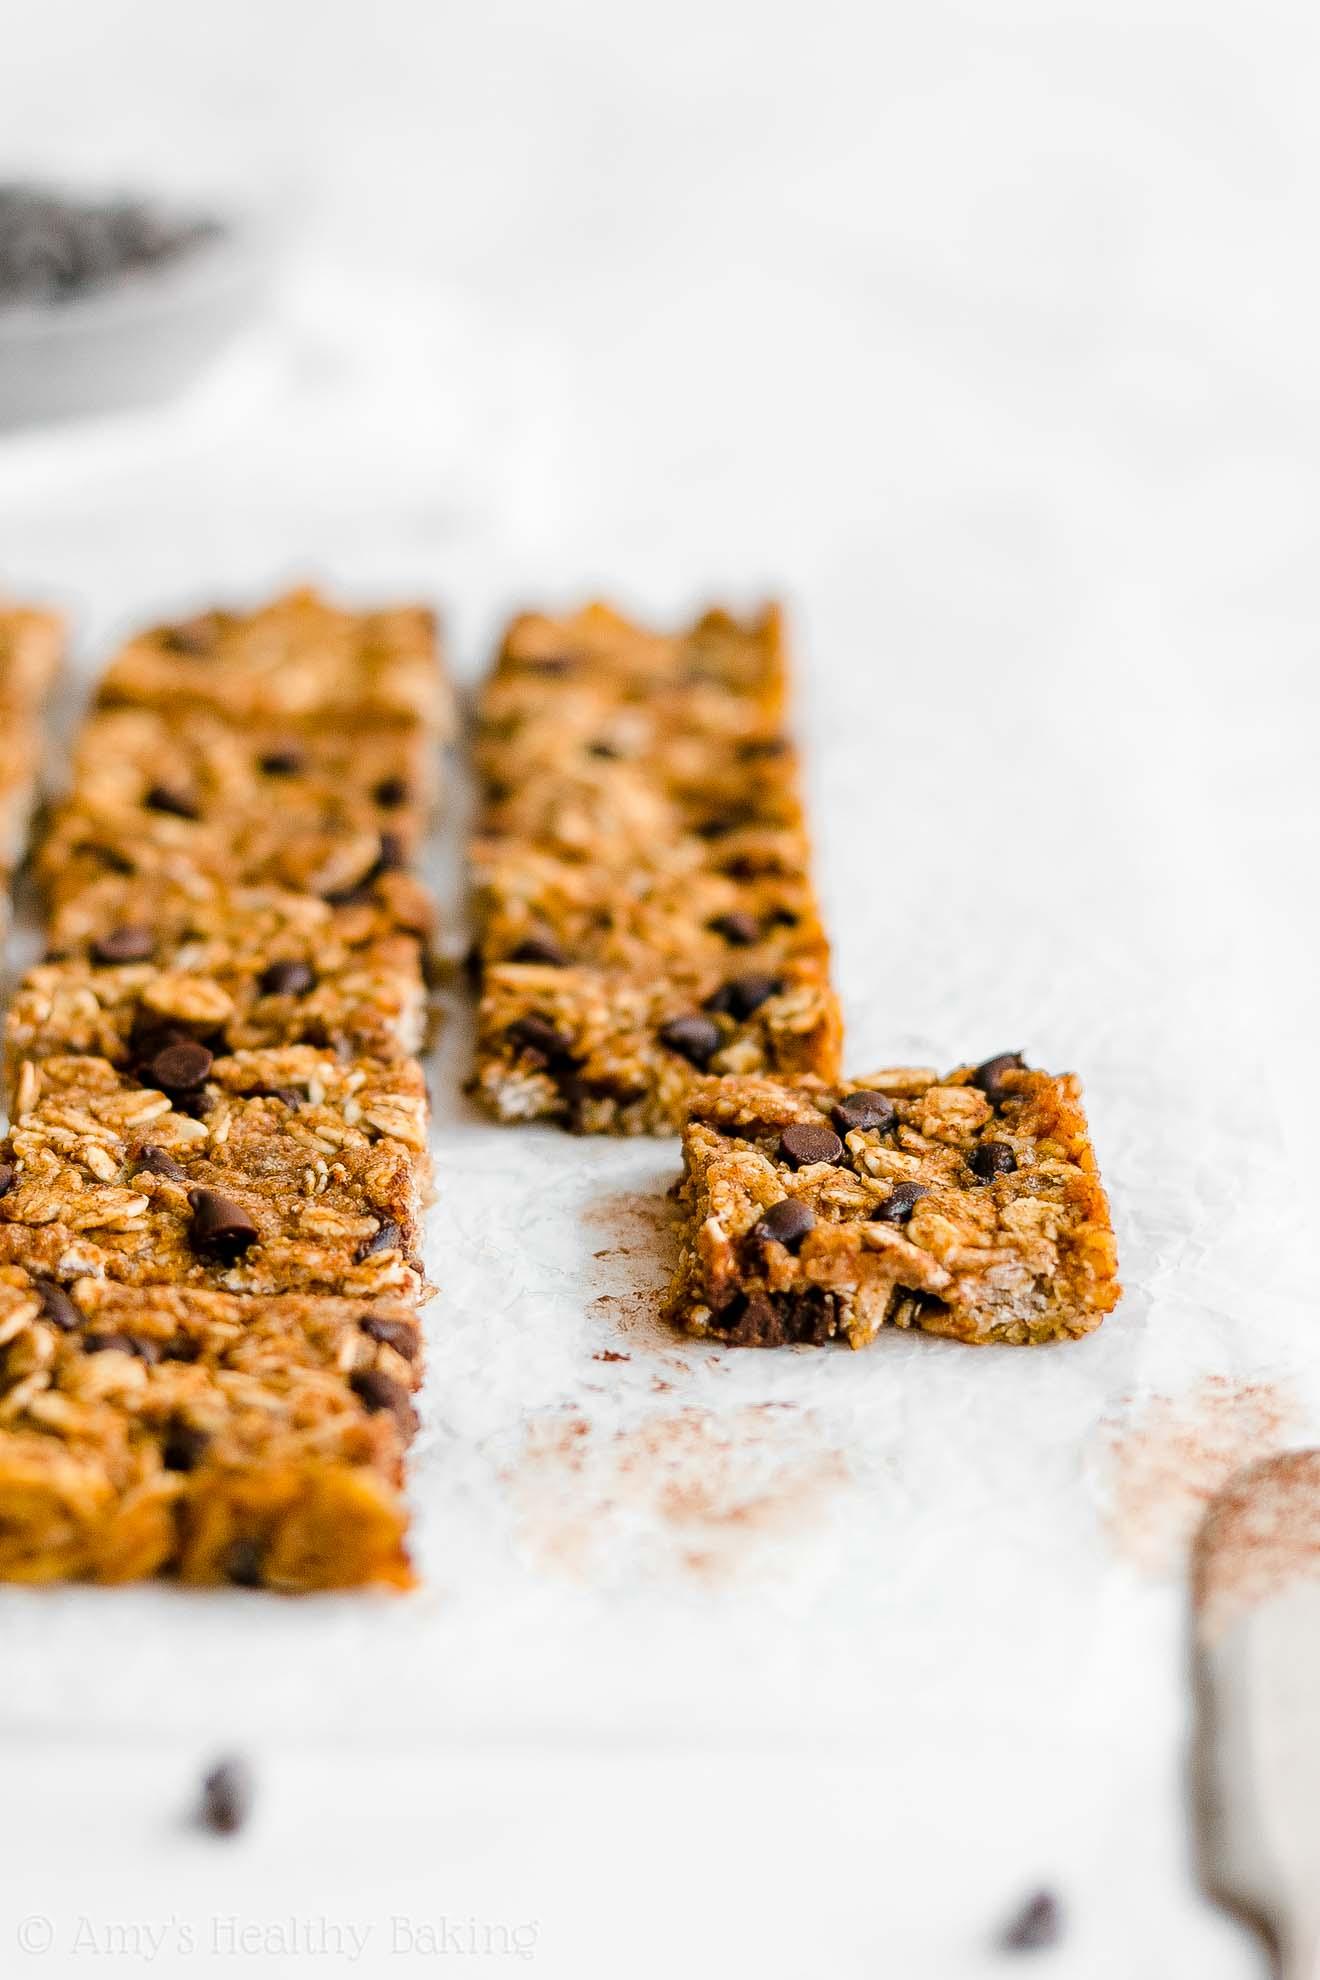 Healthy Gluten Free Chewy Pumpkin Chocolate Chip Granola Bar Bites